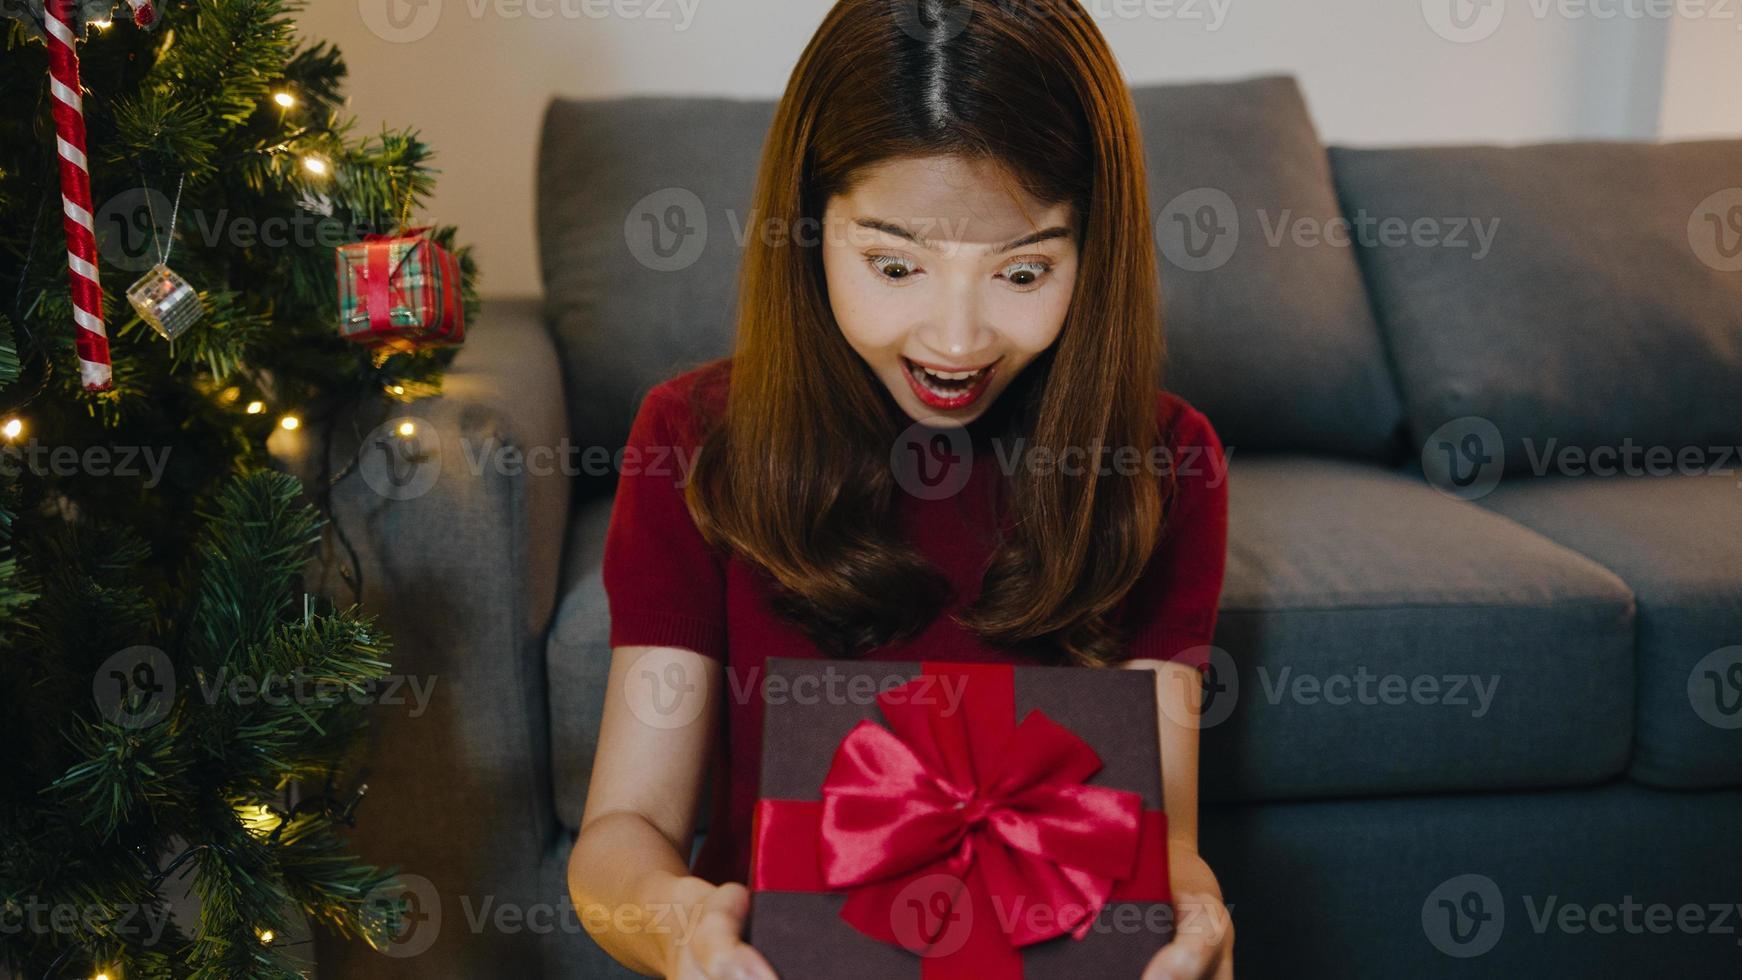 jeune femme asiatique s'amusant à ouvrir une boîte de cadeau de Noël près d'un arbre de noël décoré d'ornements dans le salon à la maison. joyeuse nuit de noël et bonne année festival de vacances. photo